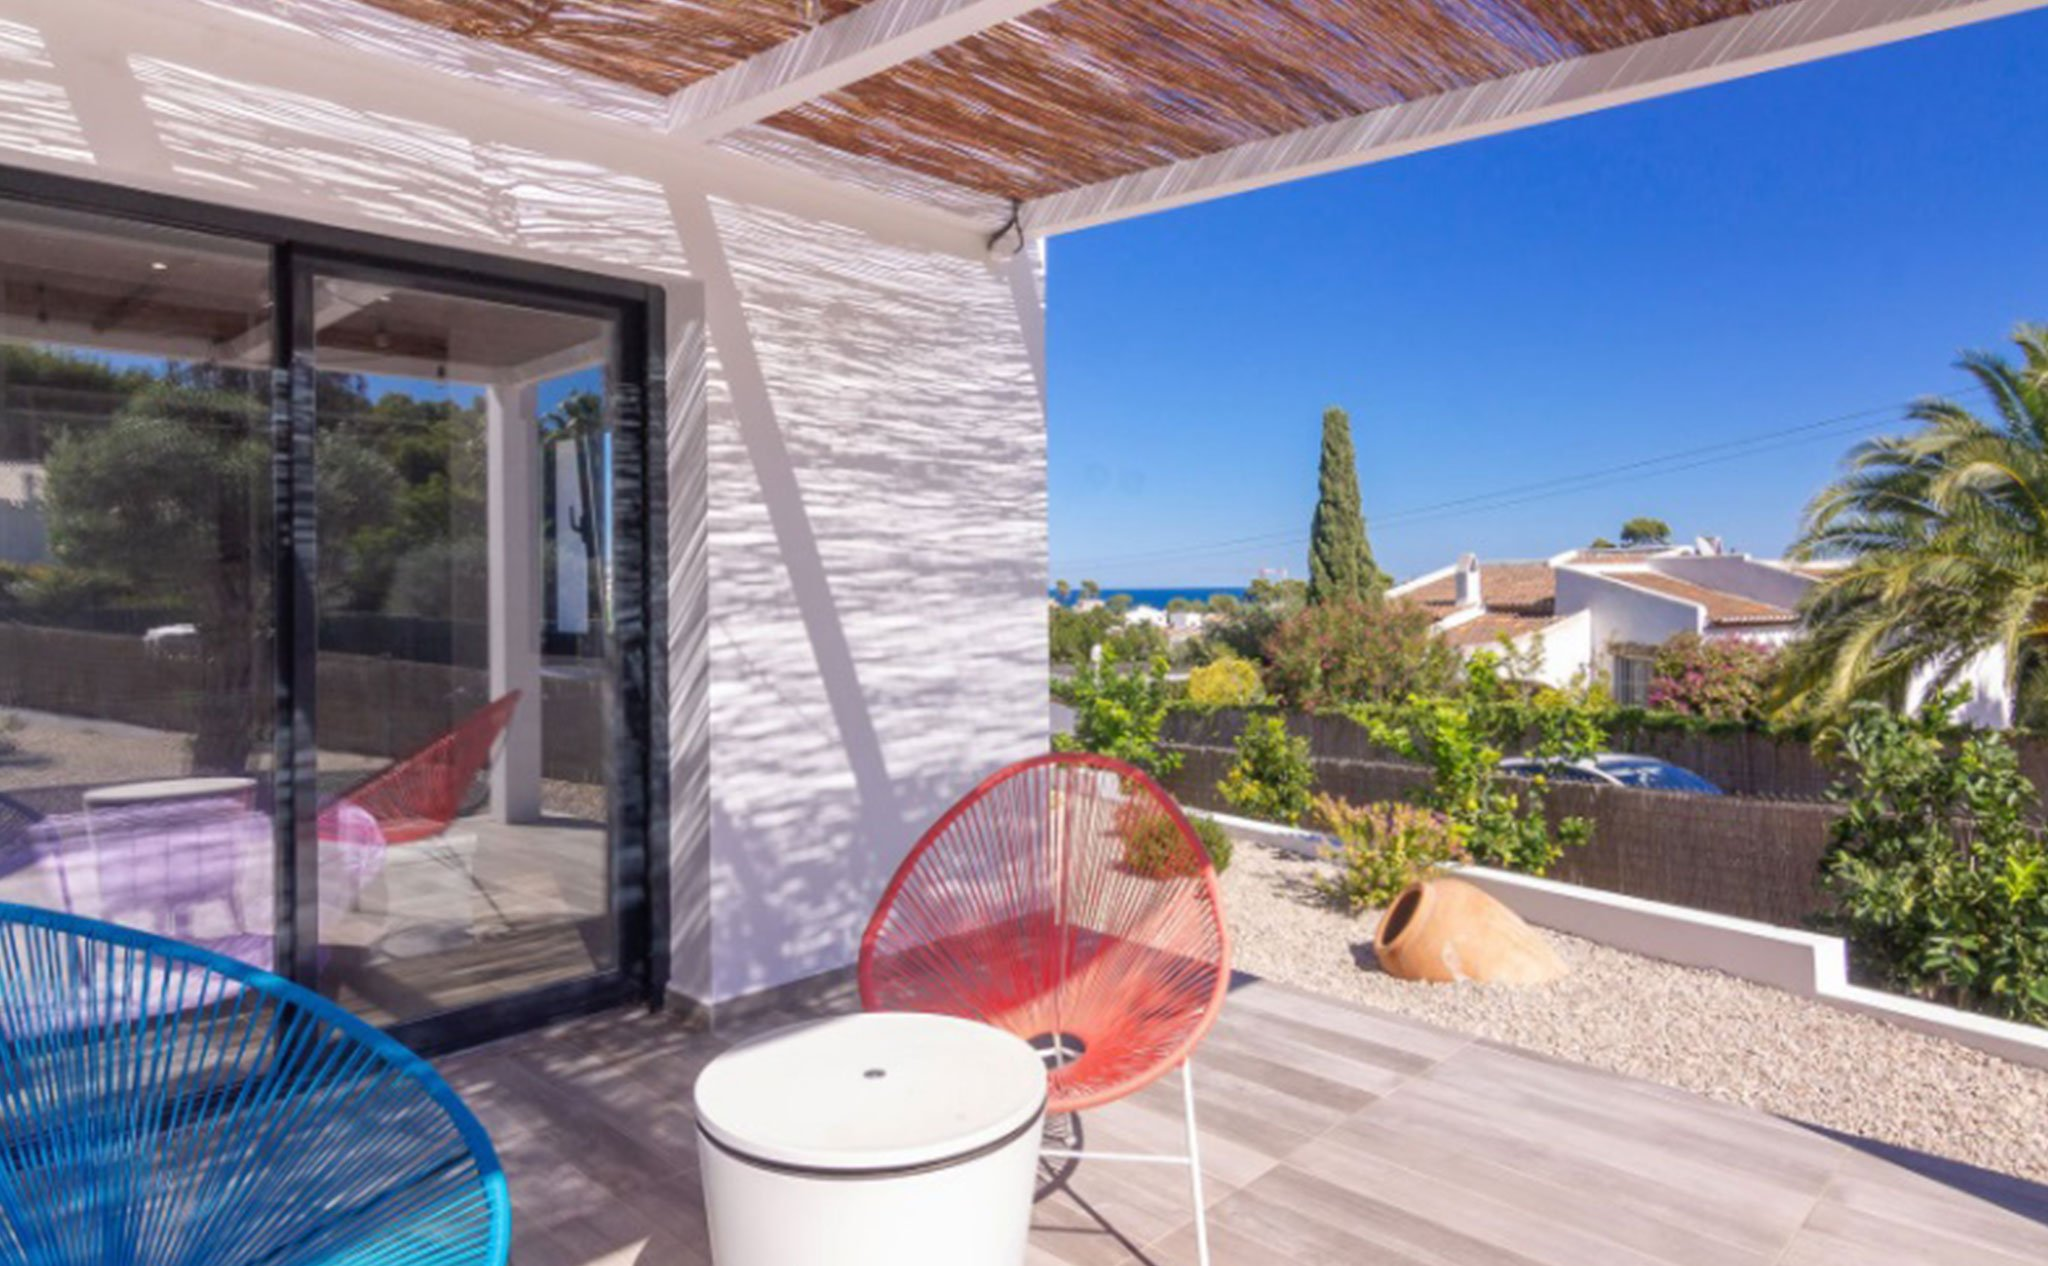 Terraza de una villa en venta en Jávea en la zona de Cap Martí – Pinomar – MORAGUESPONS Mediterranean Houses